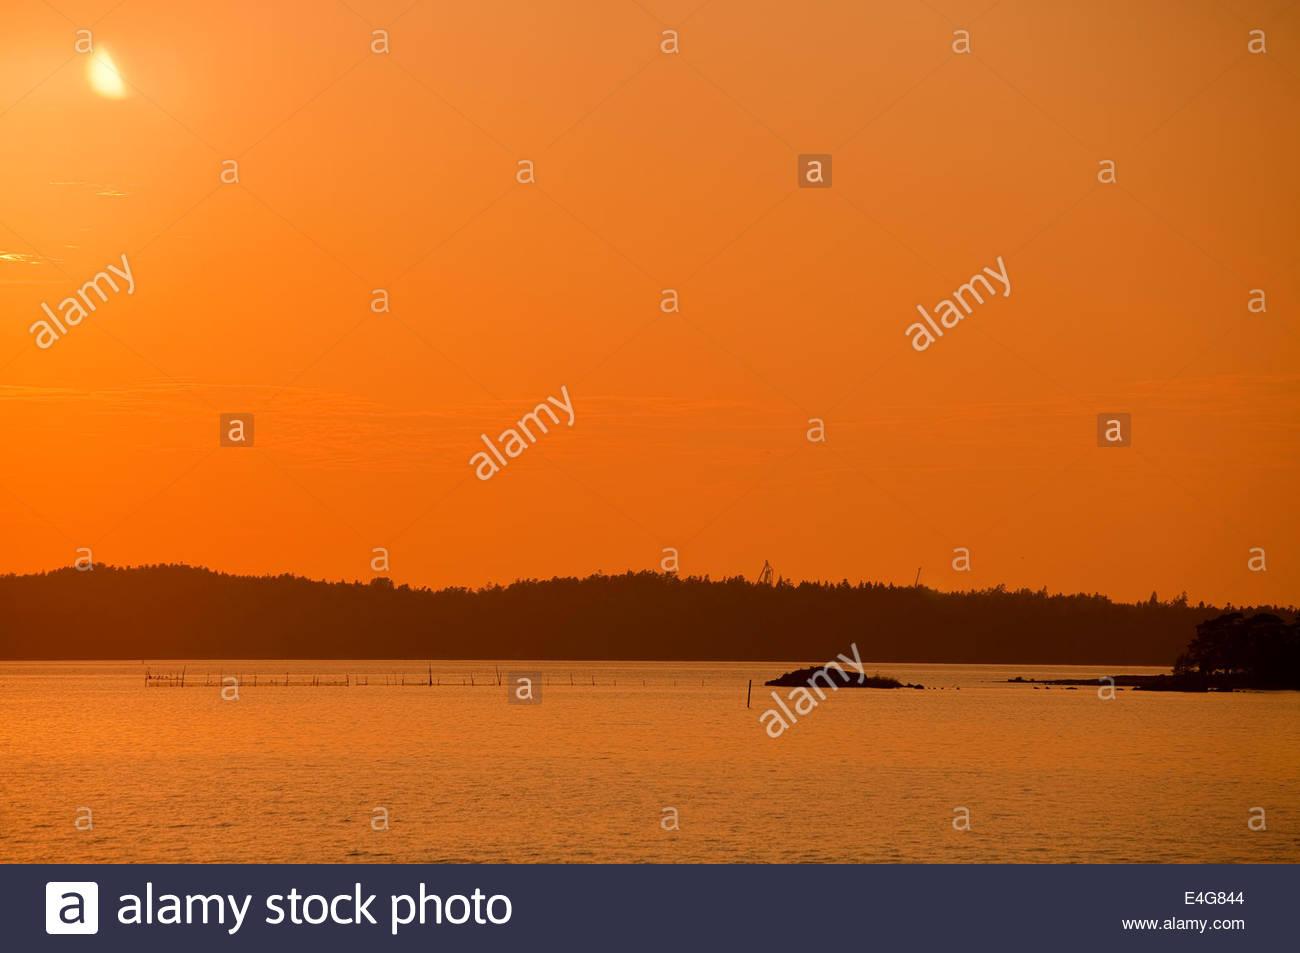 Orange sky in Turku Finland - Stock Image